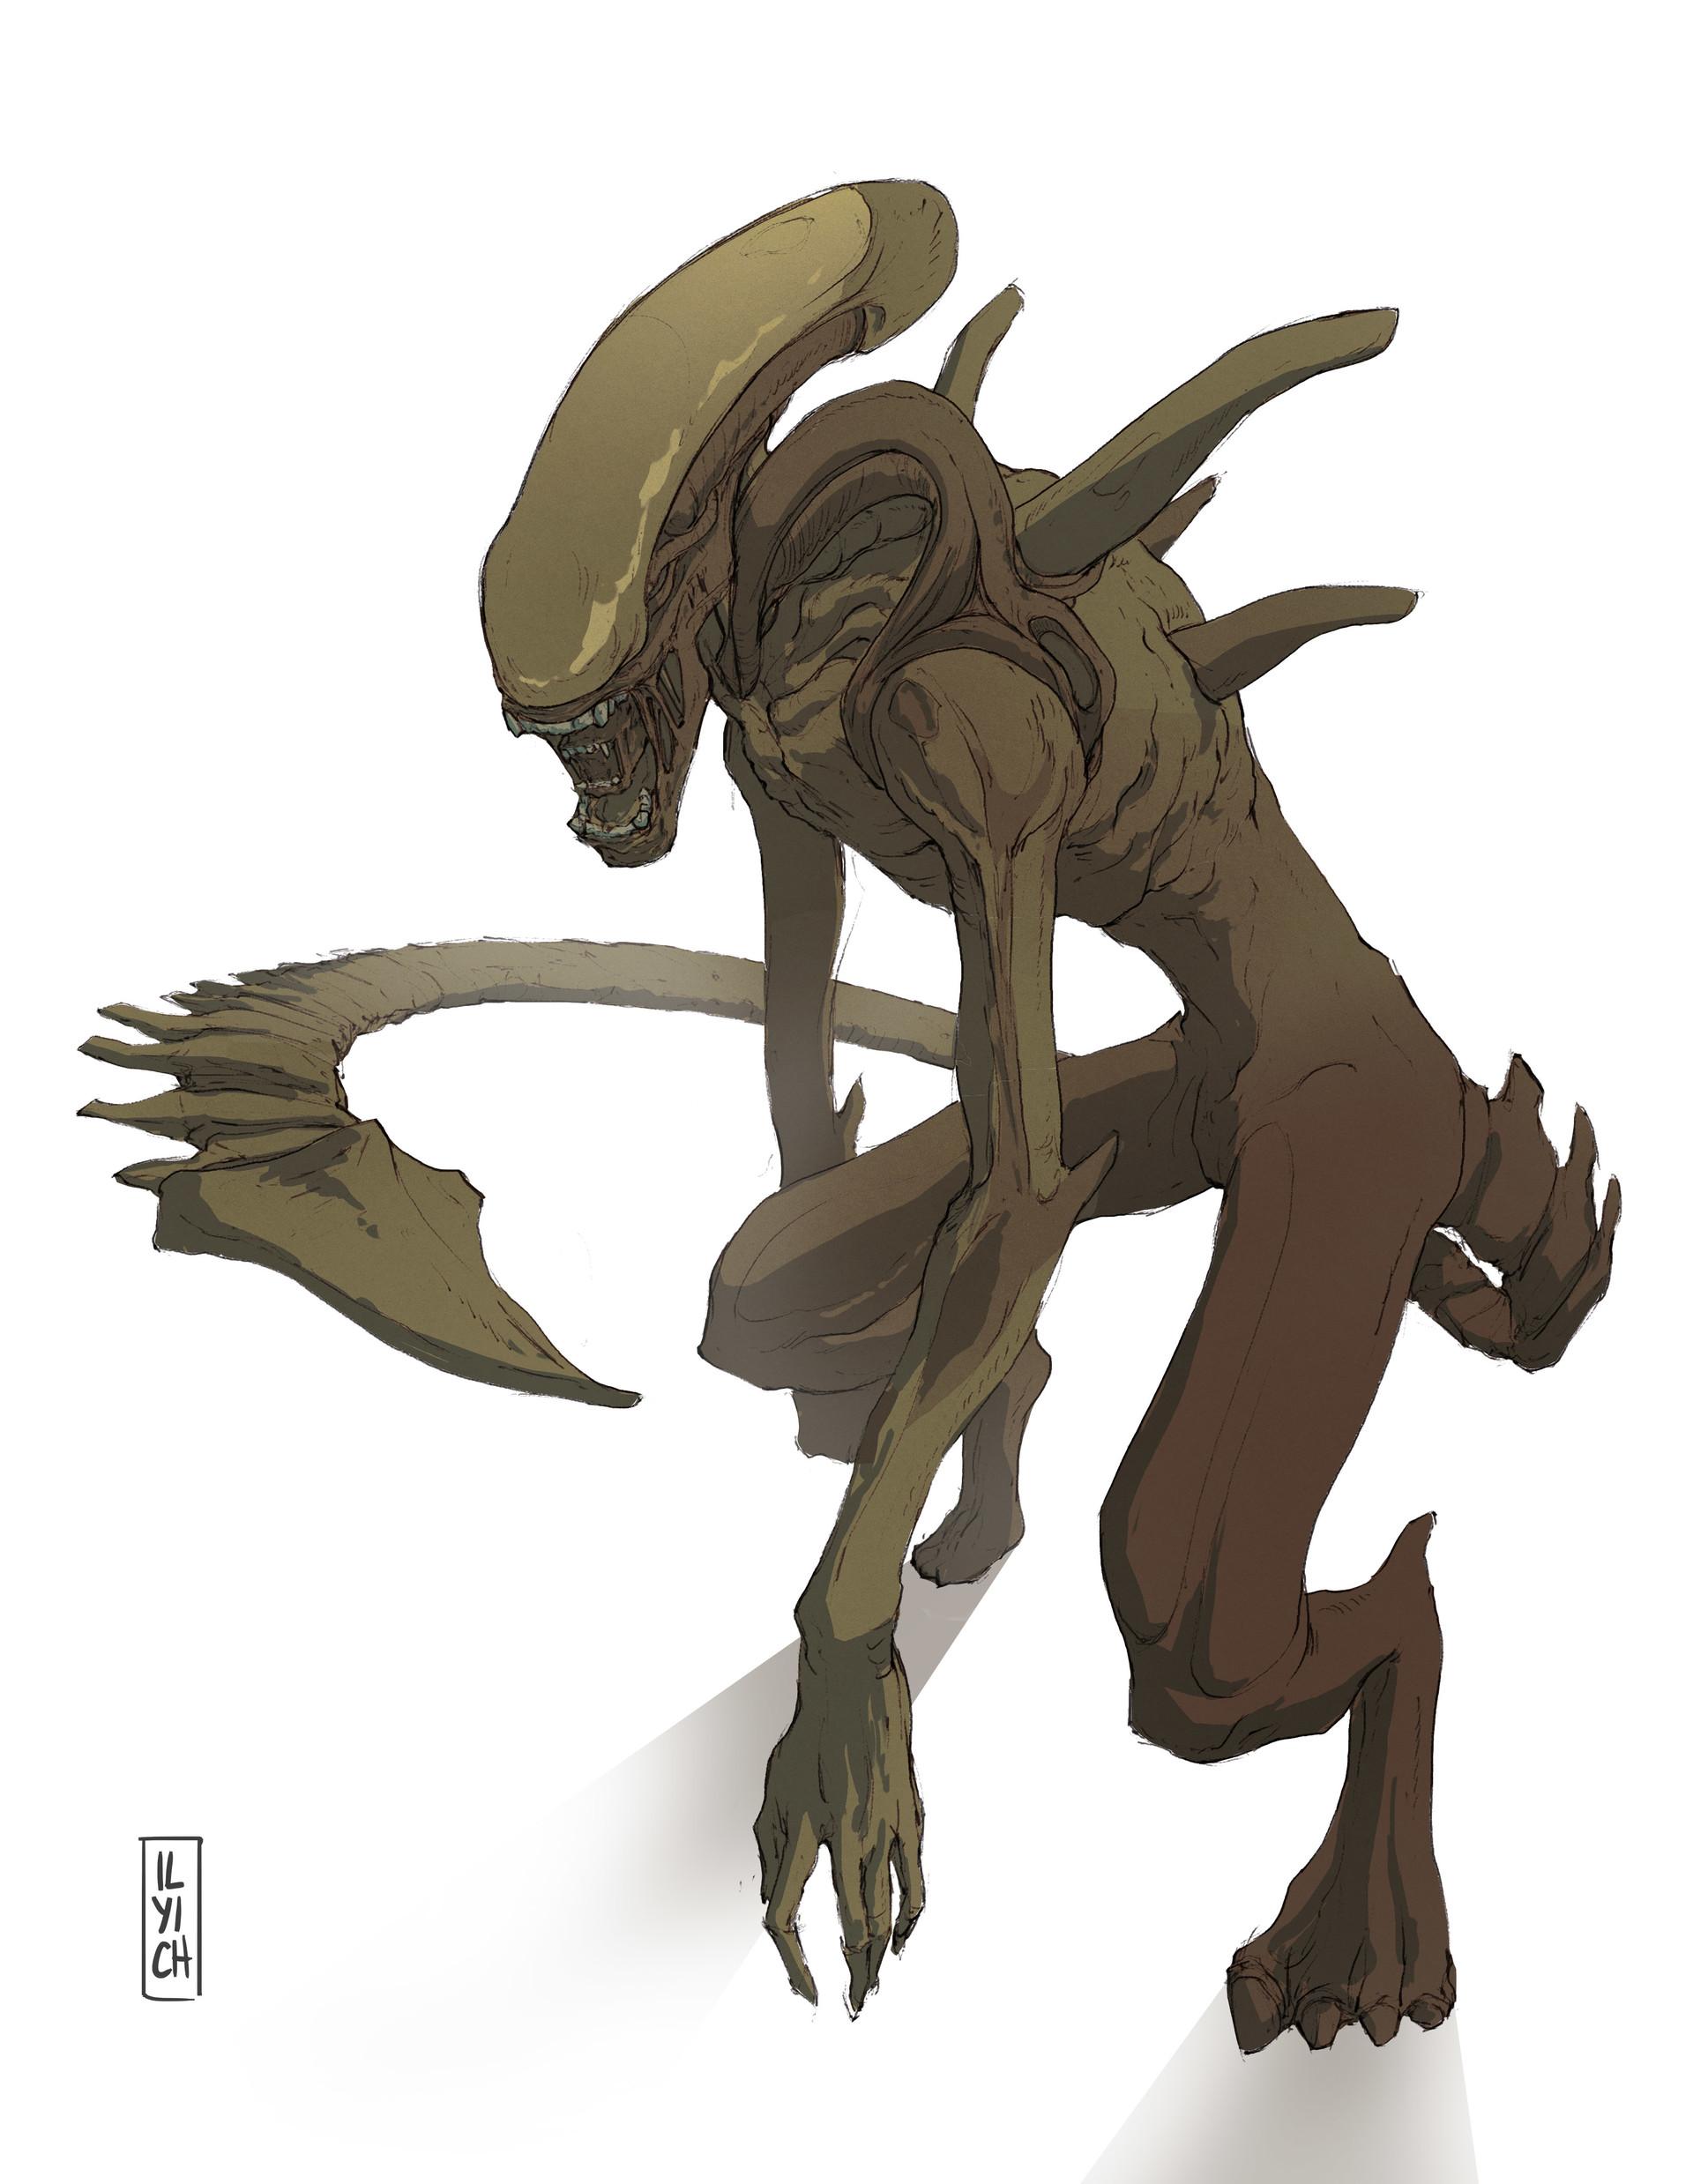 Pablo ilyich alien 2